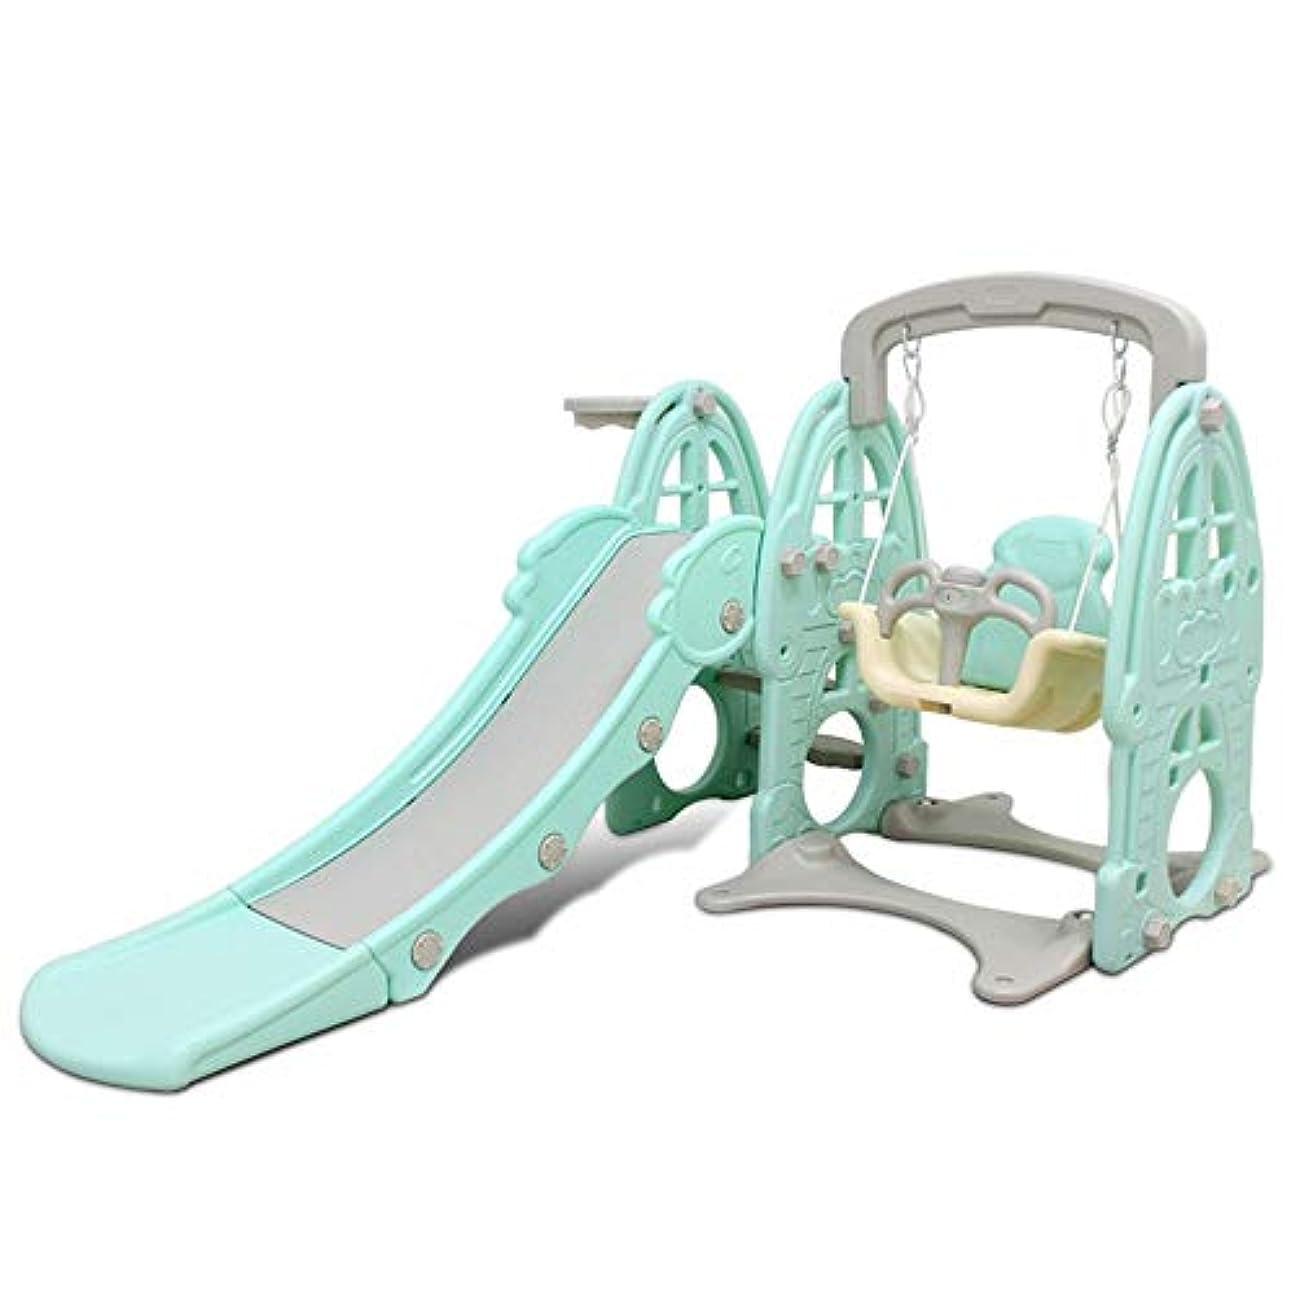 取り替えるセンサー乏しいスライド 1つのプレイ中の三つの機能子供の年齢1-10のために推奨される幼児の家族室内すべり台 子供用スライド (色 : 緑, サイズ : 170x150x117cm)